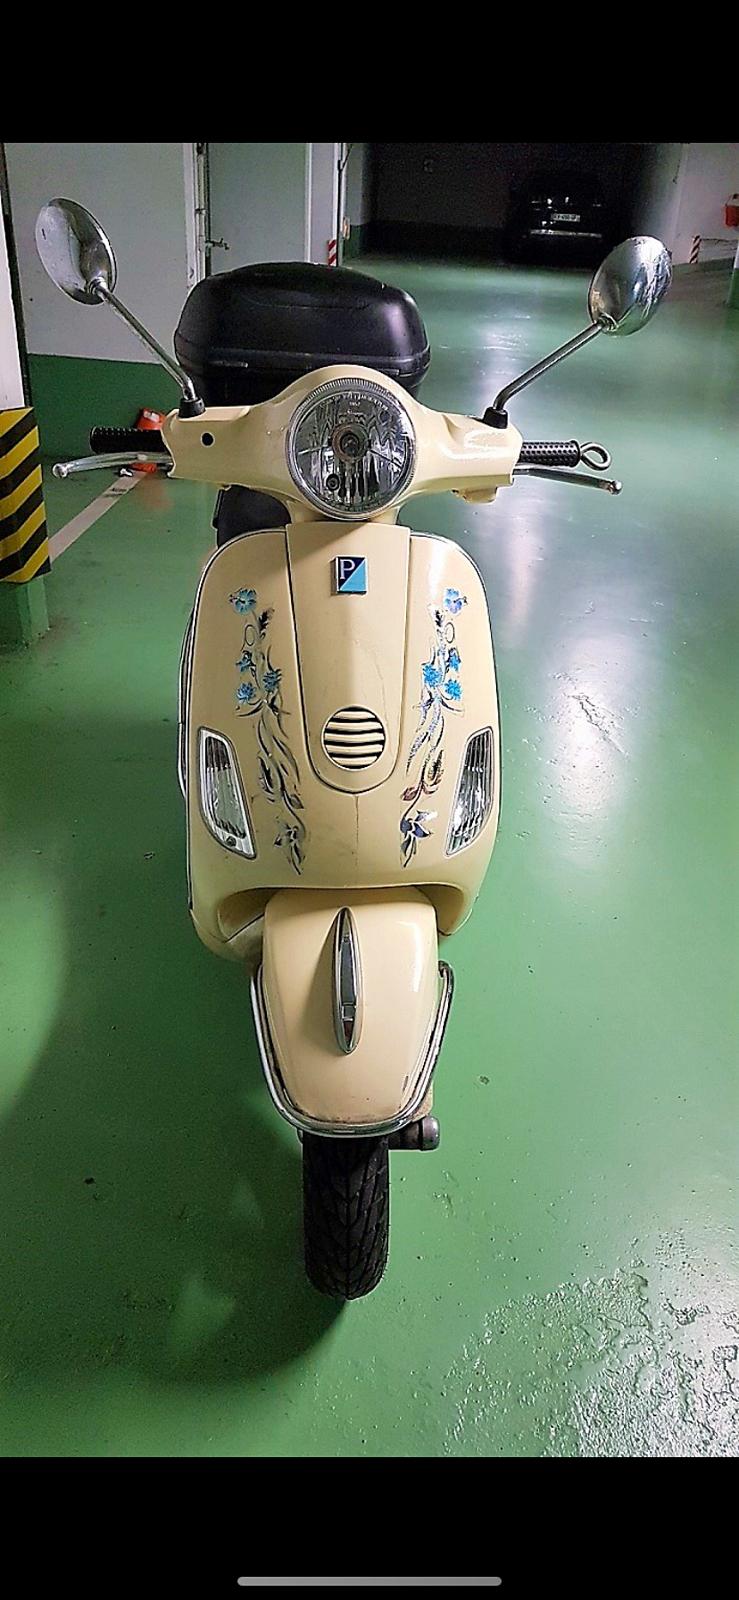 Vends scooter Vespa 125LX - 11000km